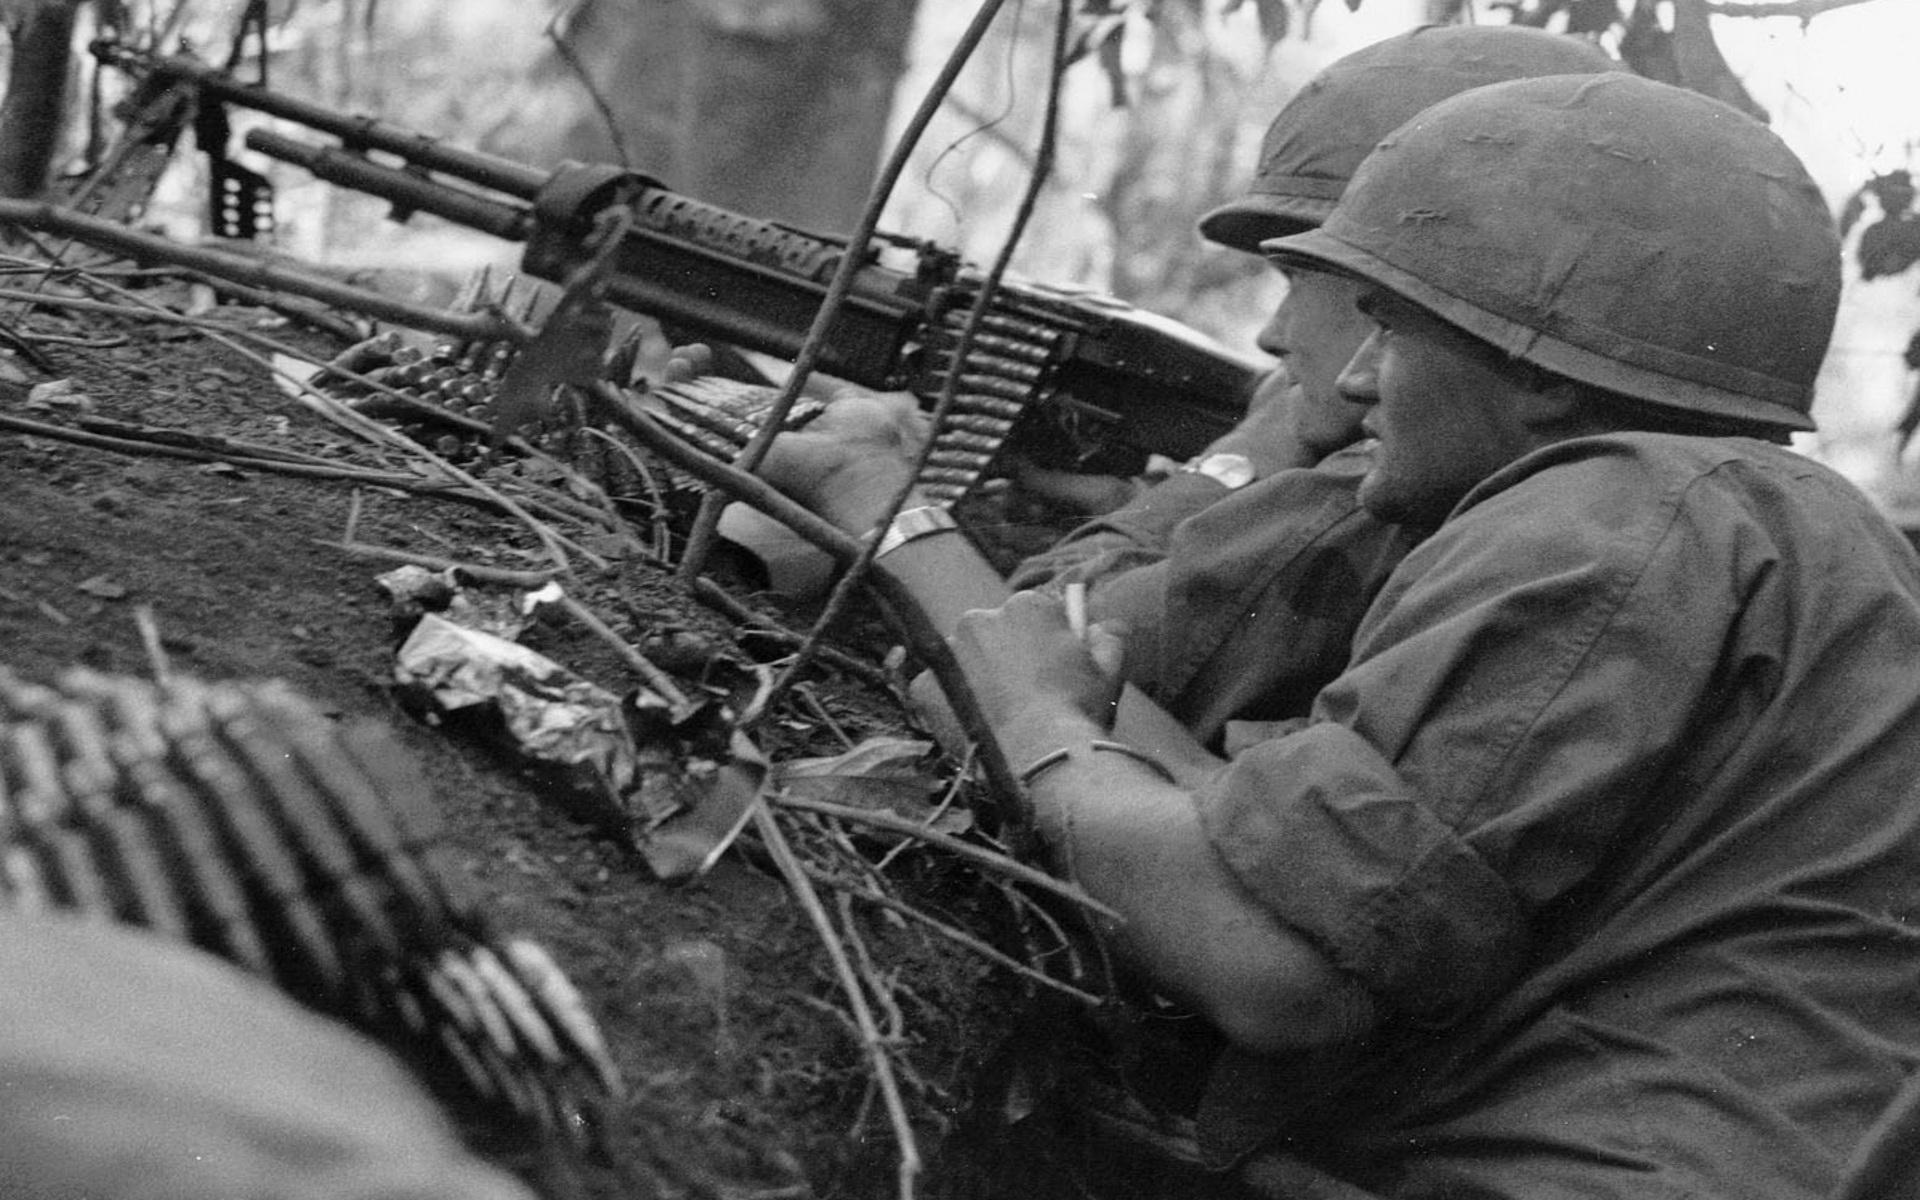 vietnam war wallpaper 24jpg 1920x1200